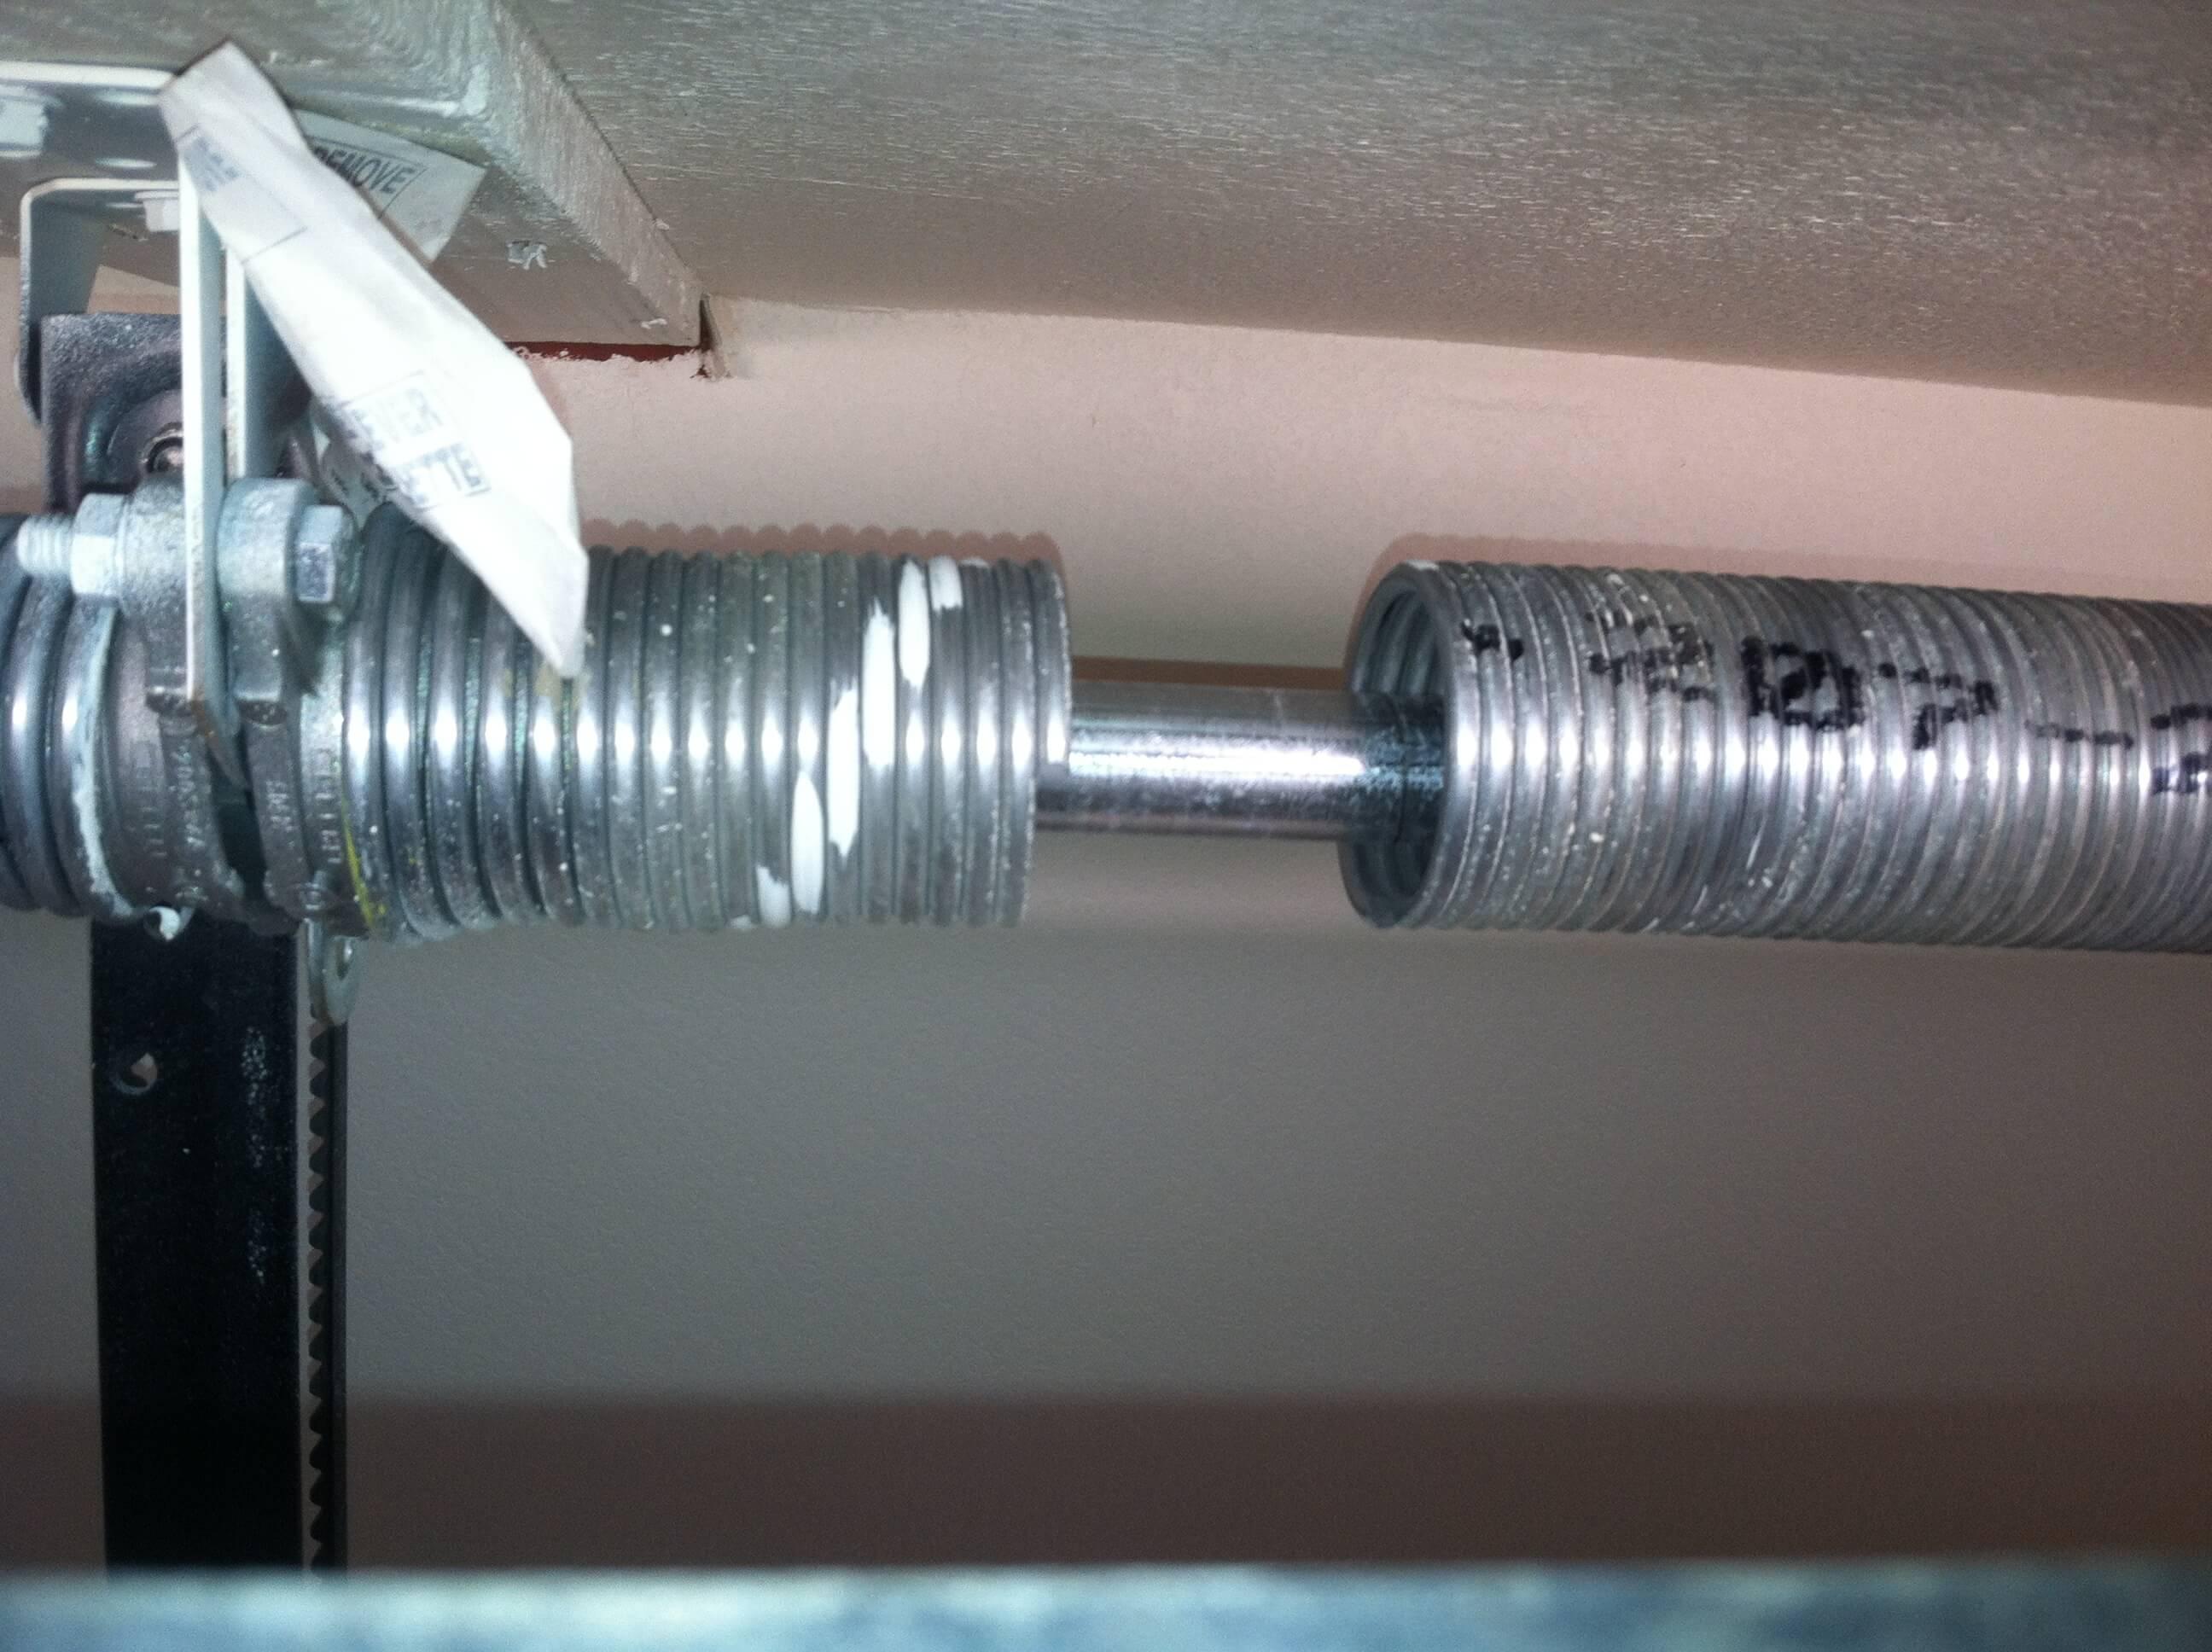 garage door springs f amp j s 24 hour garage door service on Residential Garage Door Springs id=82340